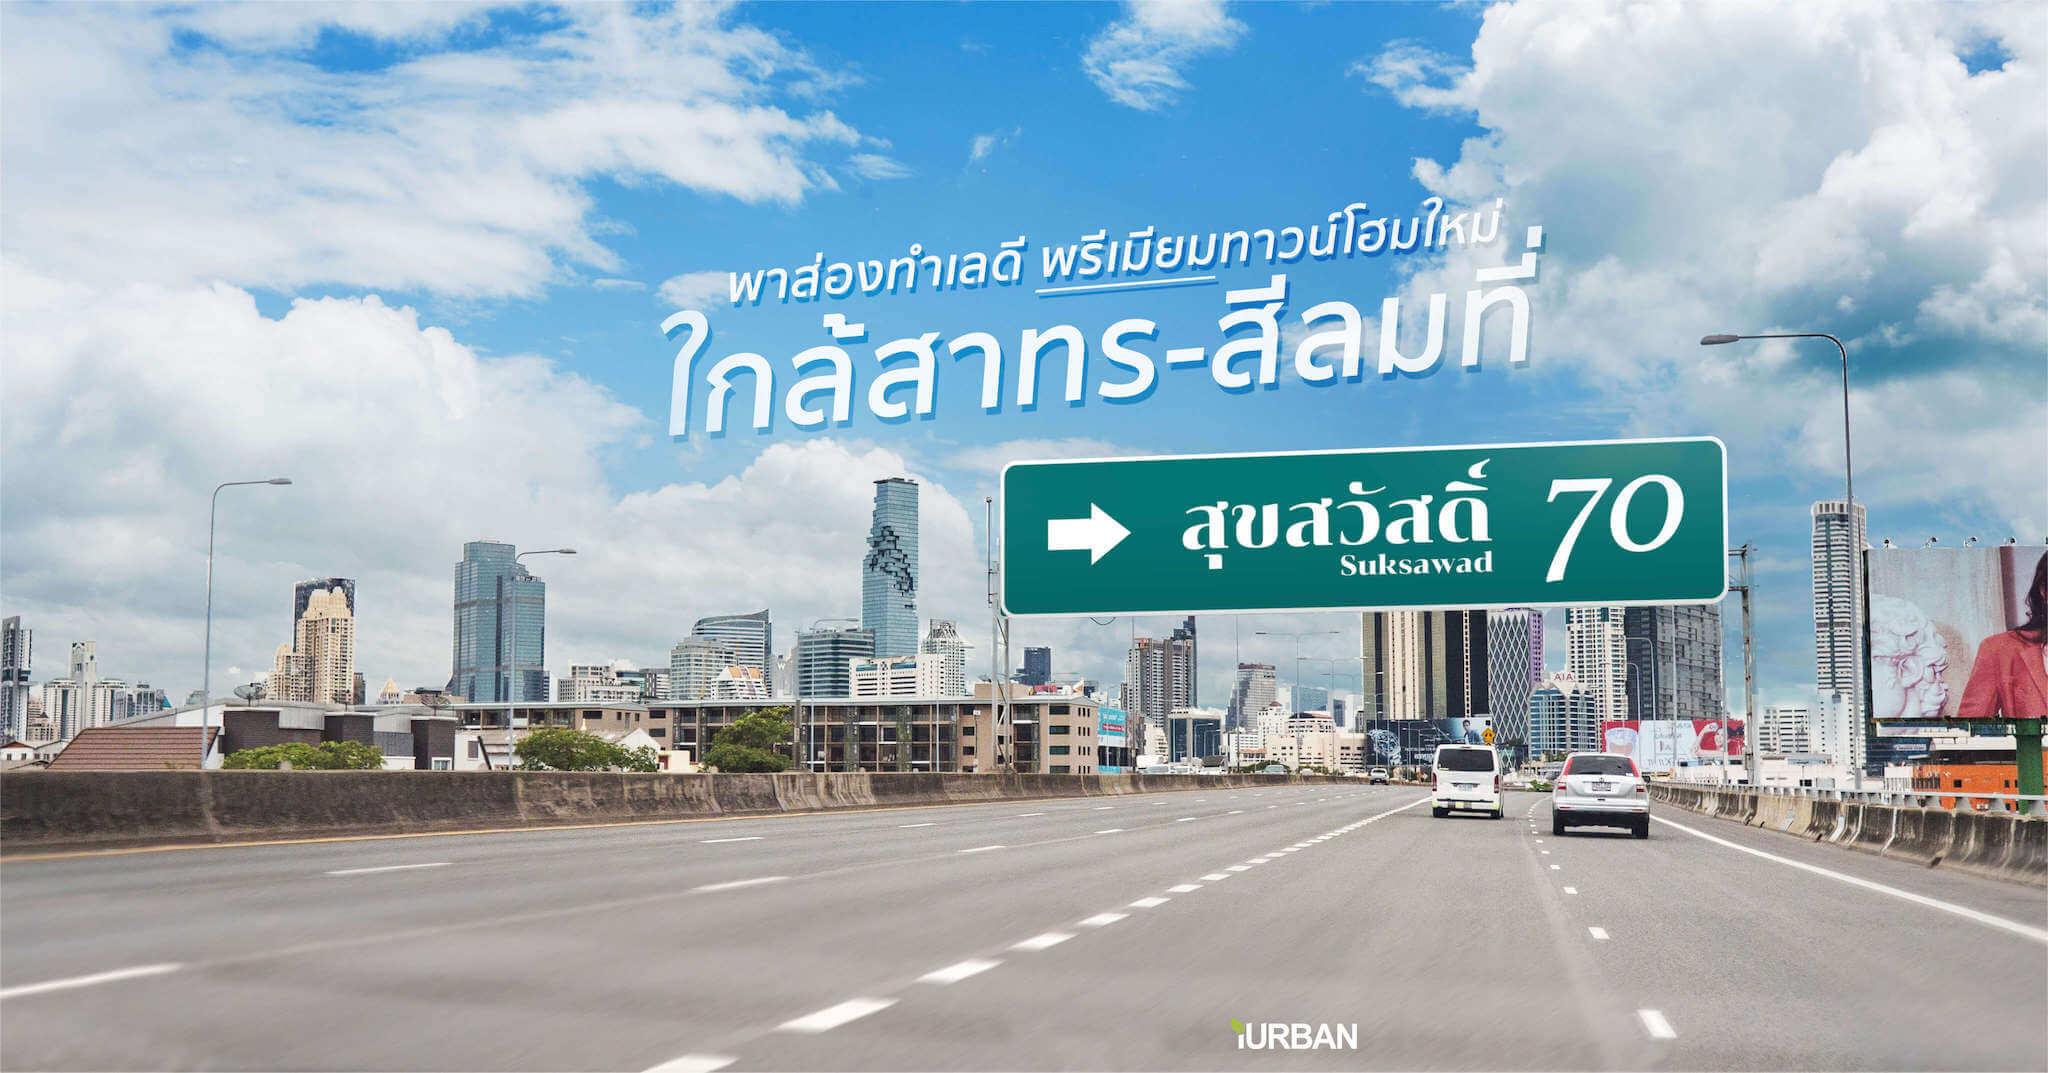 """สำรวจ """"สุขสวัสดิ์"""" ทำเลเยี่ยม ตอบโจทย์คนทำงานในเมืองสาทร-สีลม ที่อยากมี """"บ้าน"""" 13 - AP (Thailand) - เอพี (ไทยแลนด์)"""